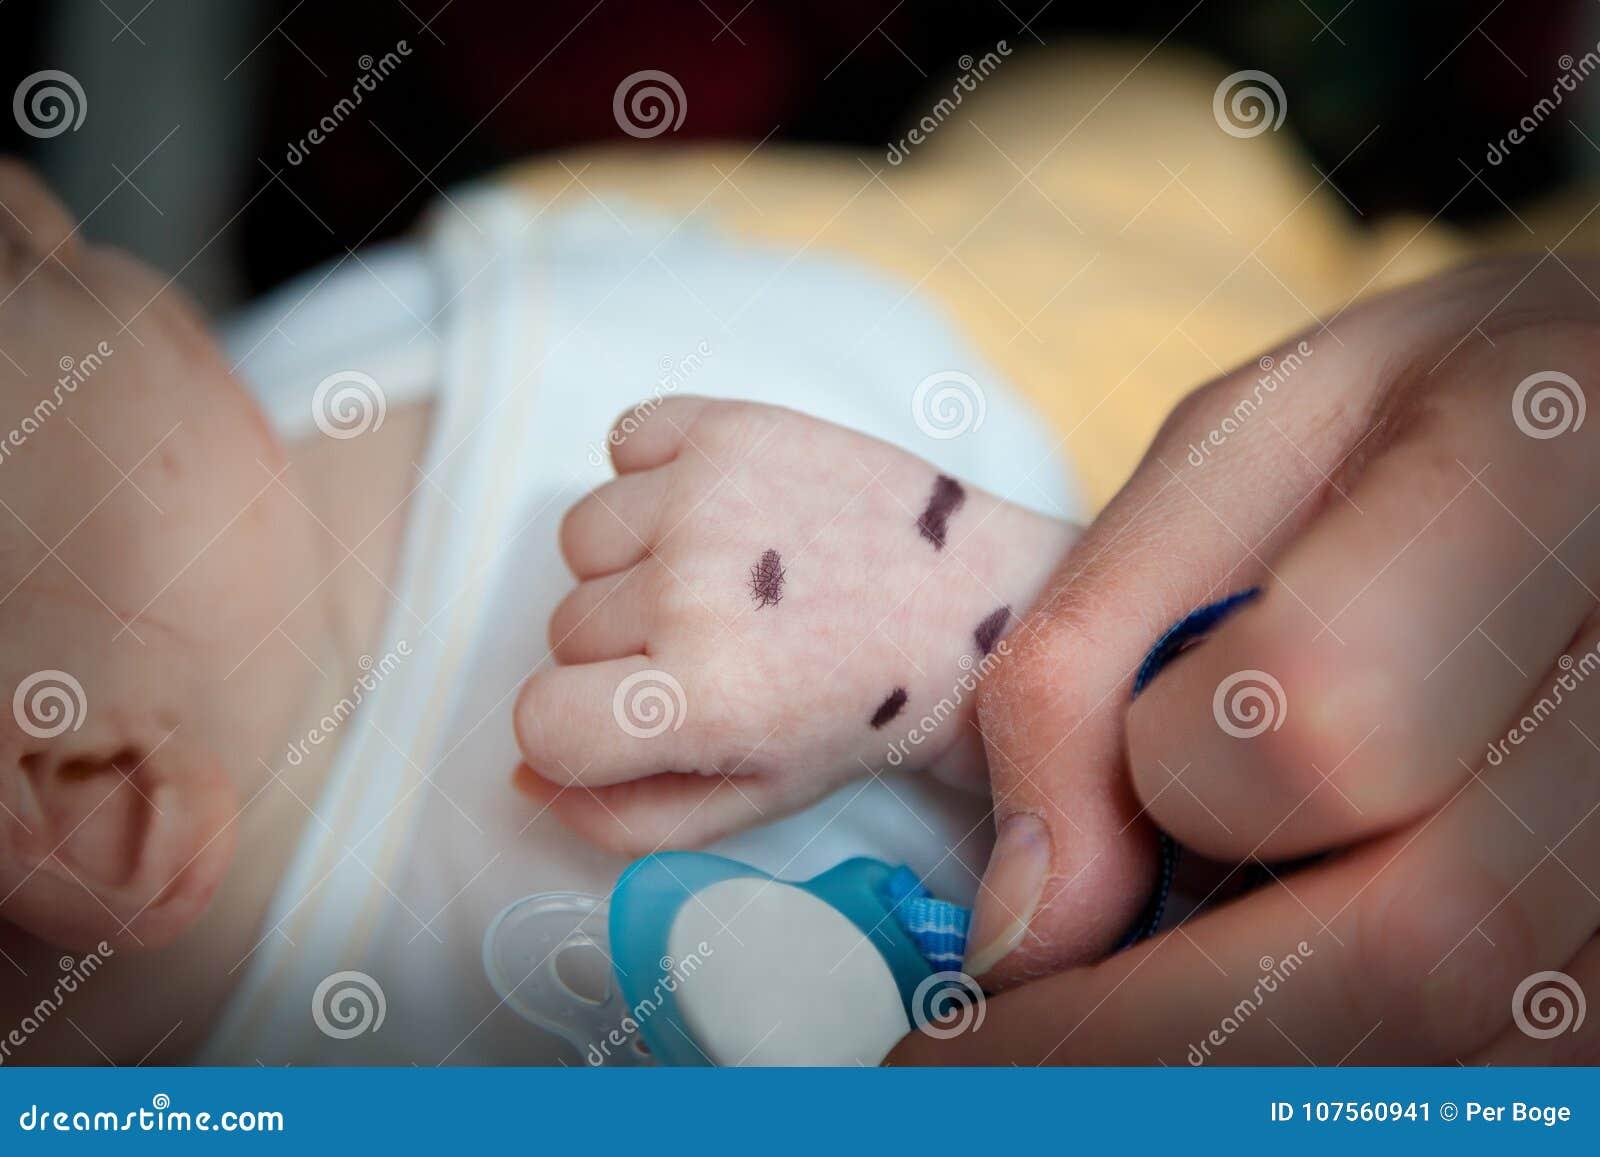 Ρηχό βάθος του τομέα του χεριού ενός άρρωστου ασθενή νηπίων